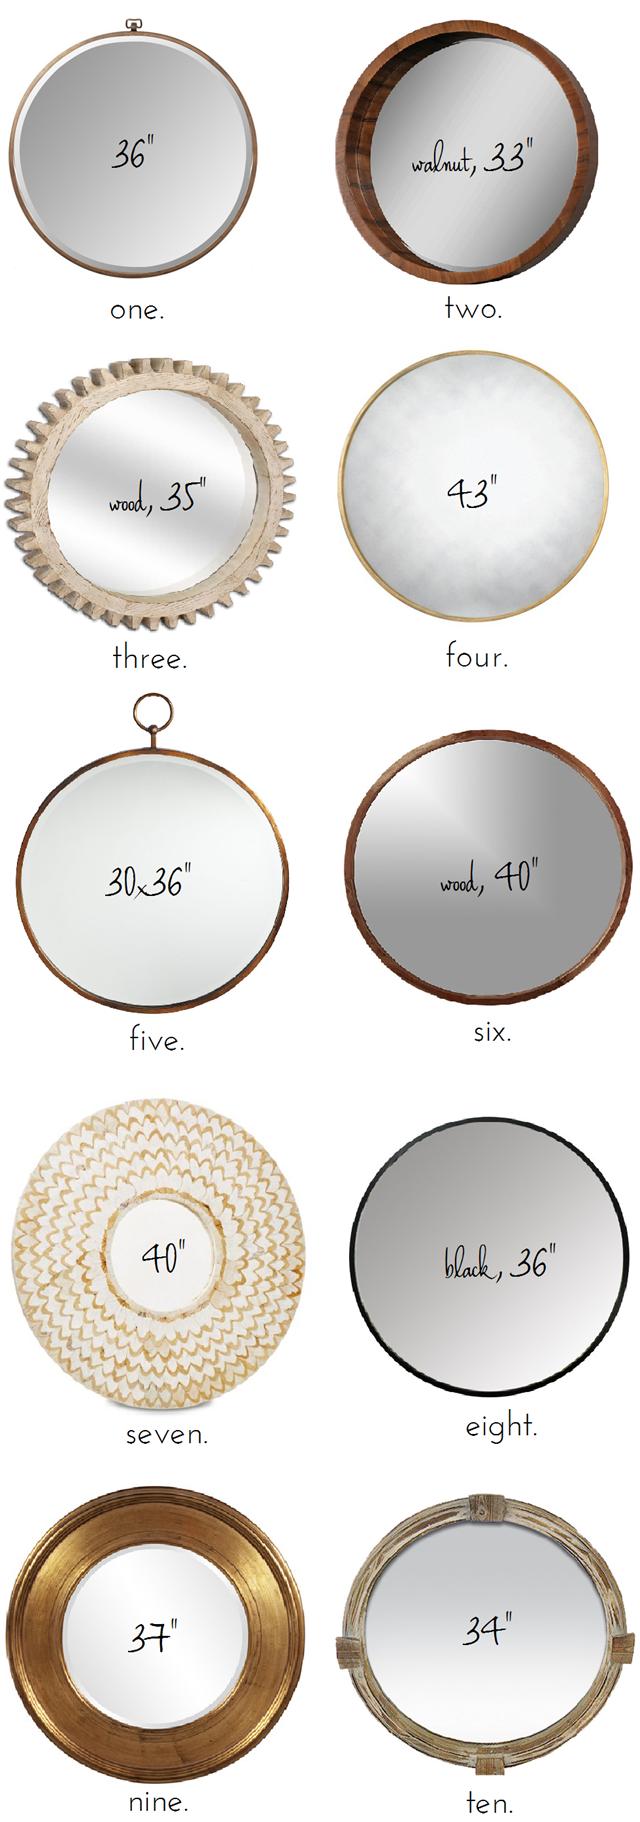 round_mirrors